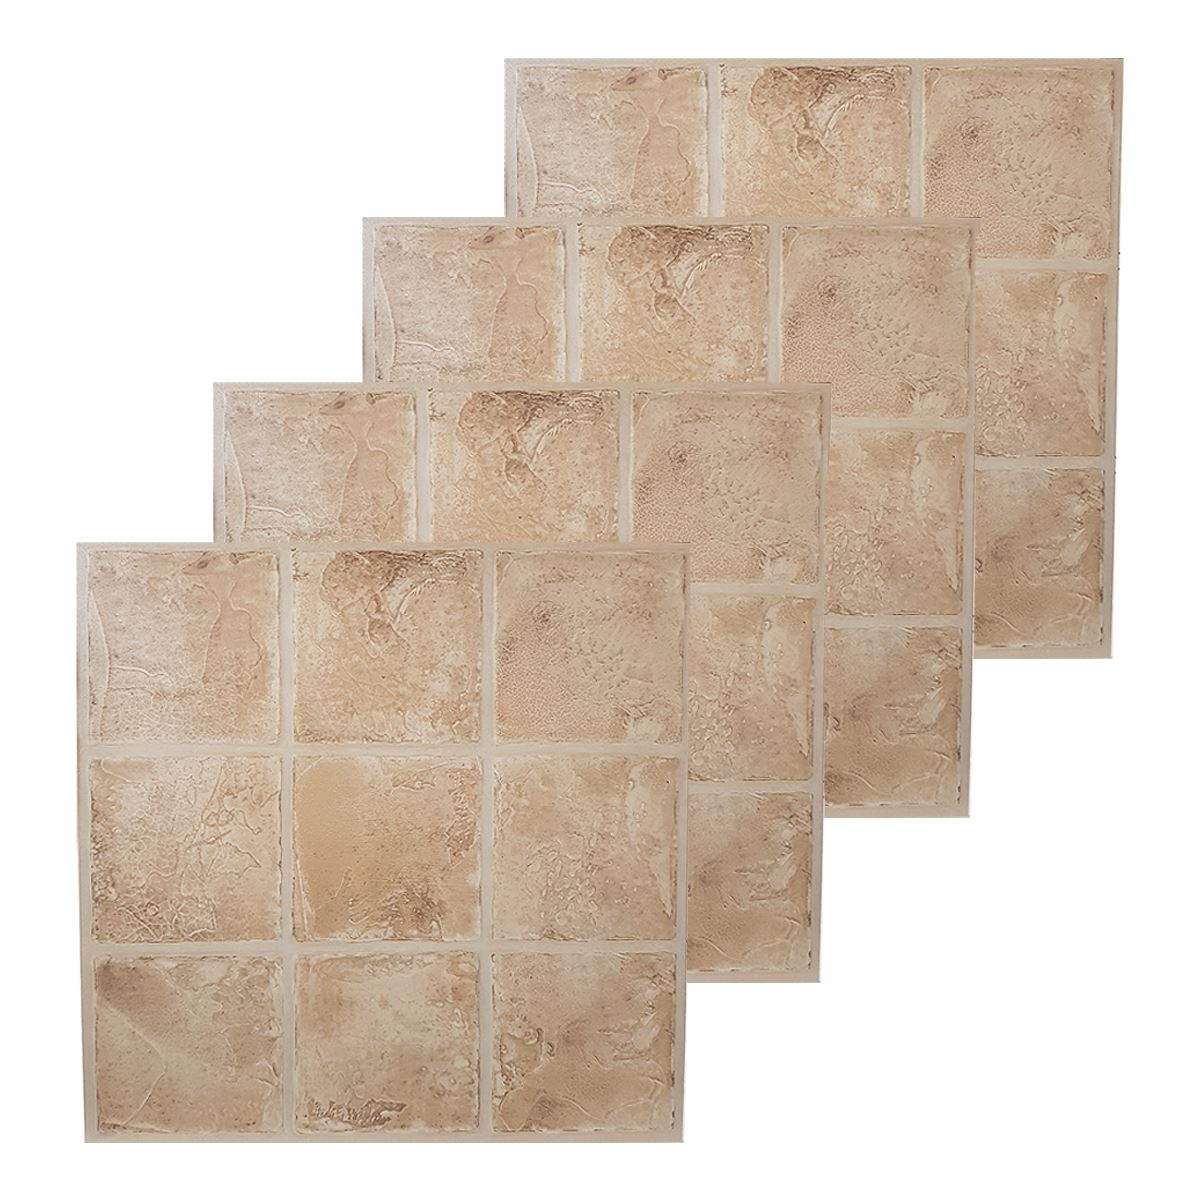 Piastrelle pavimento in vinile effetto pietra mosaico di for Piastrelle vinile